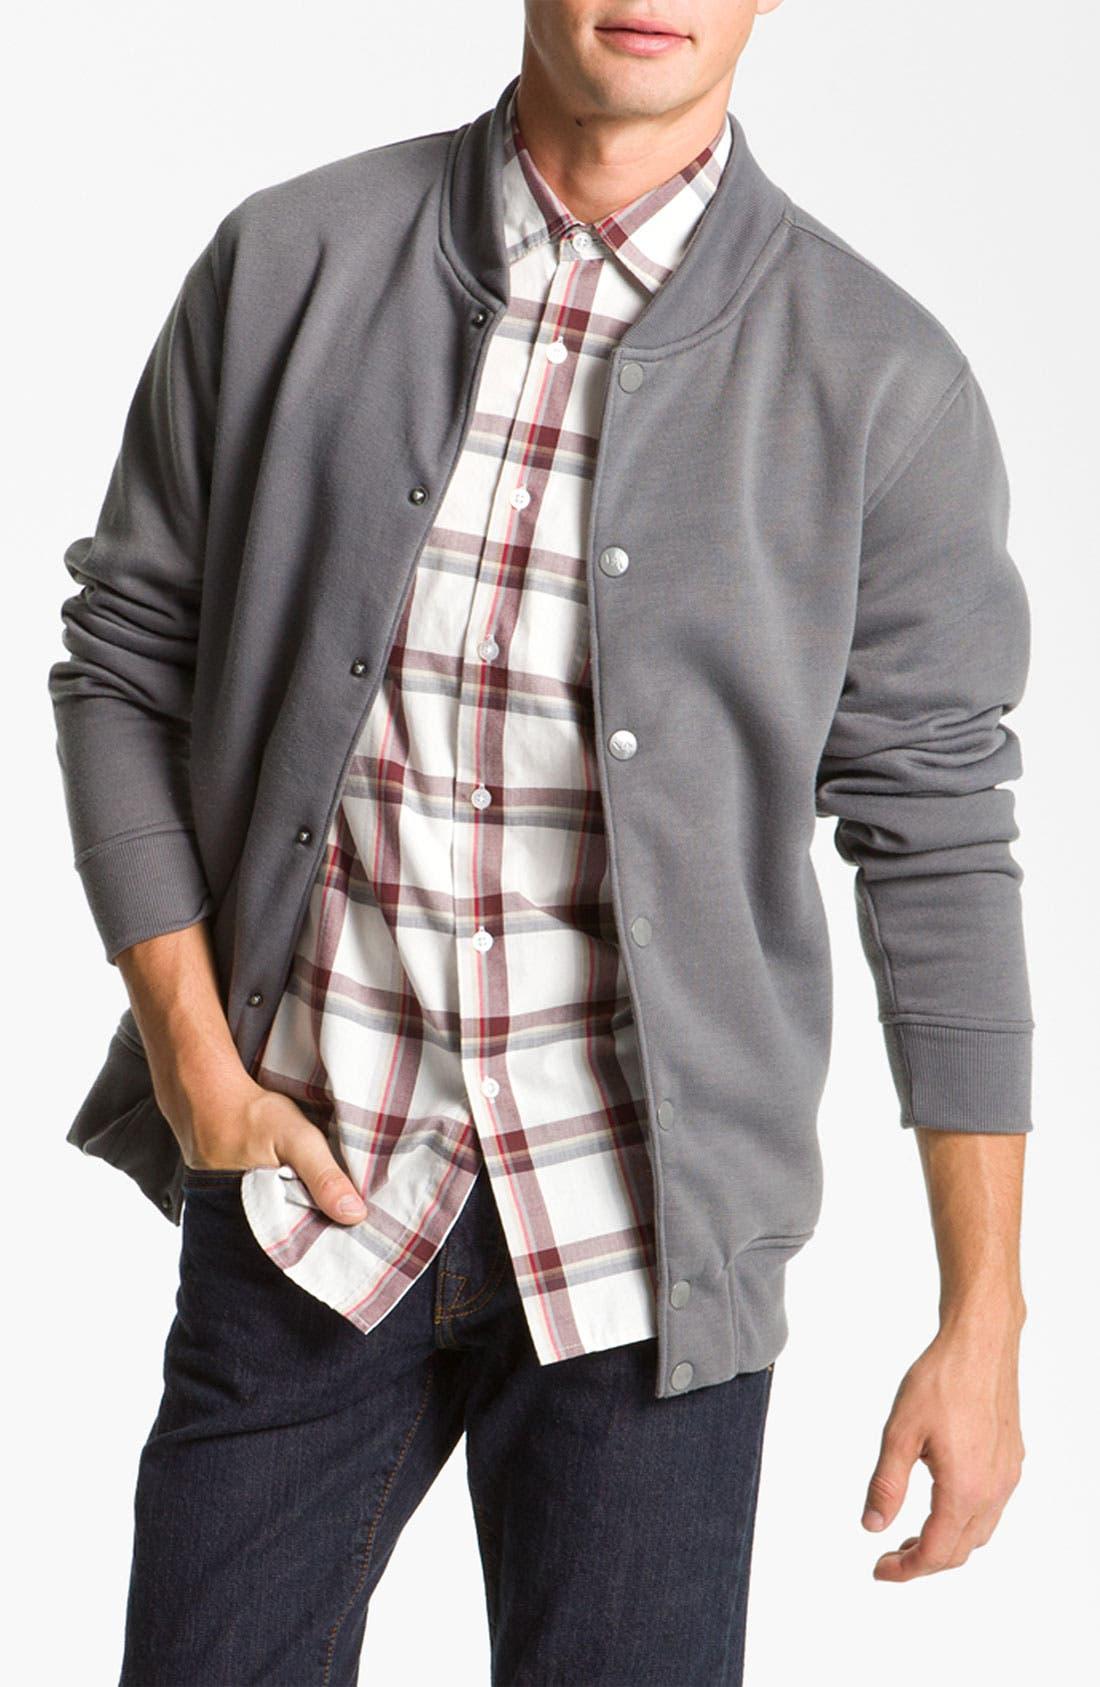 Alternate Image 1 Selected - RVCA 'Grabber' Jacket